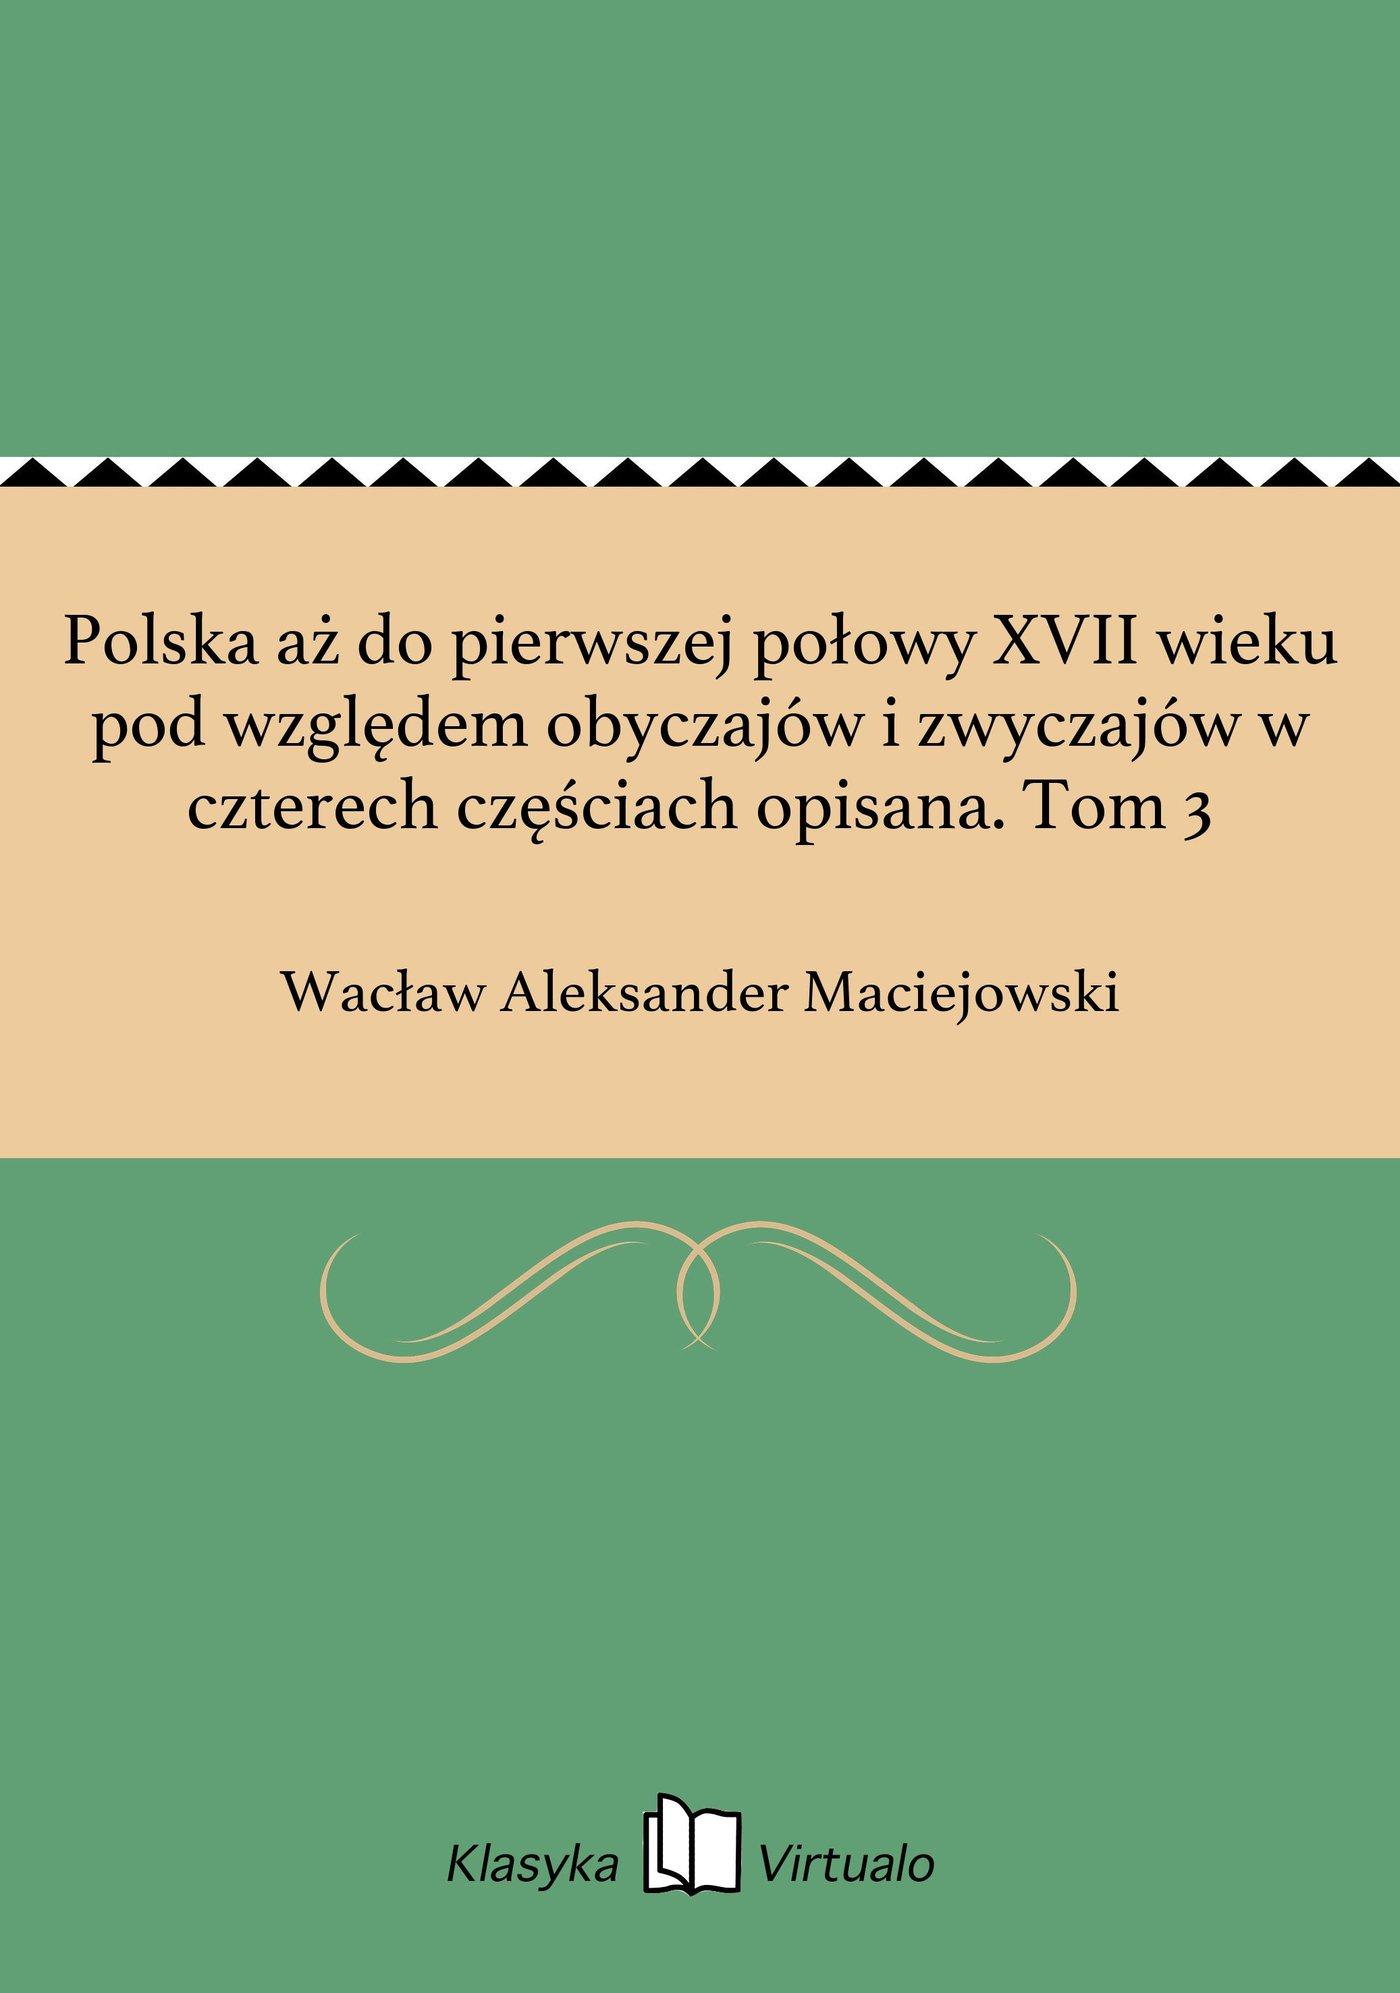 Polska aż do pierwszej połowy XVII wieku pod względem obyczajów i zwyczajów w czterech częściach opisana. Tom 3 - Ebook (Książka EPUB) do pobrania w formacie EPUB